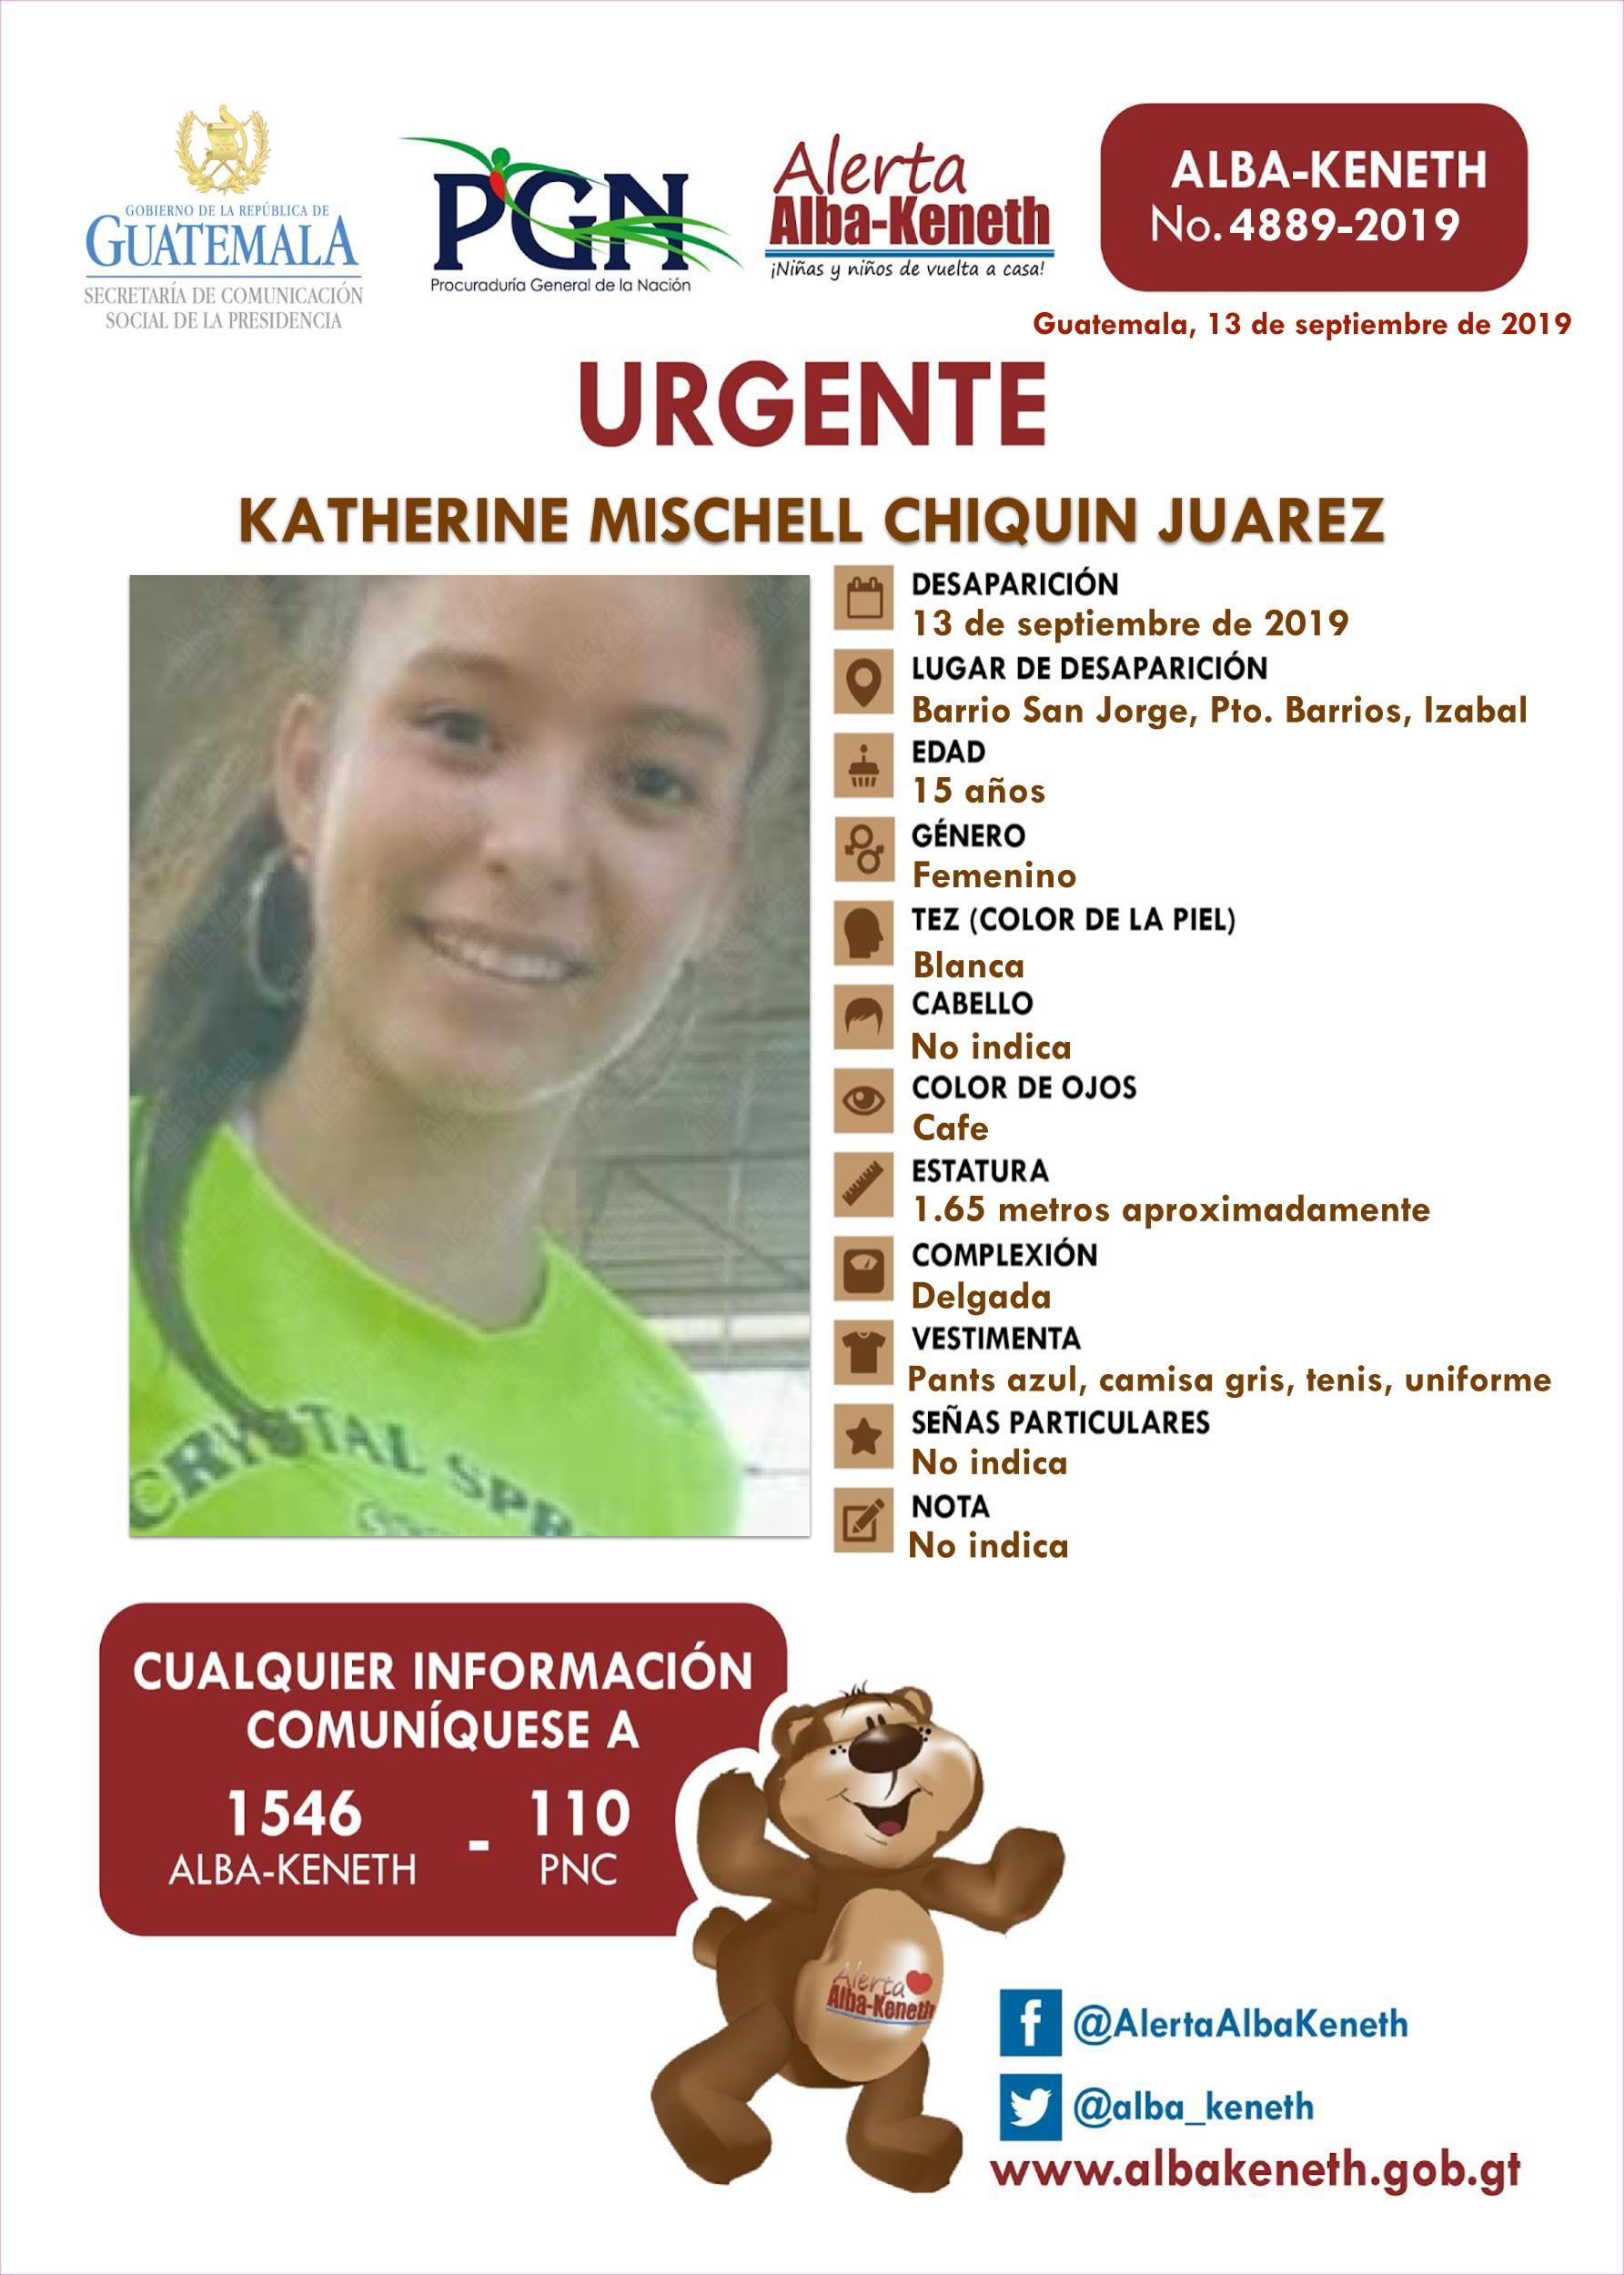 Katherine Mischell Chinquin Juarez